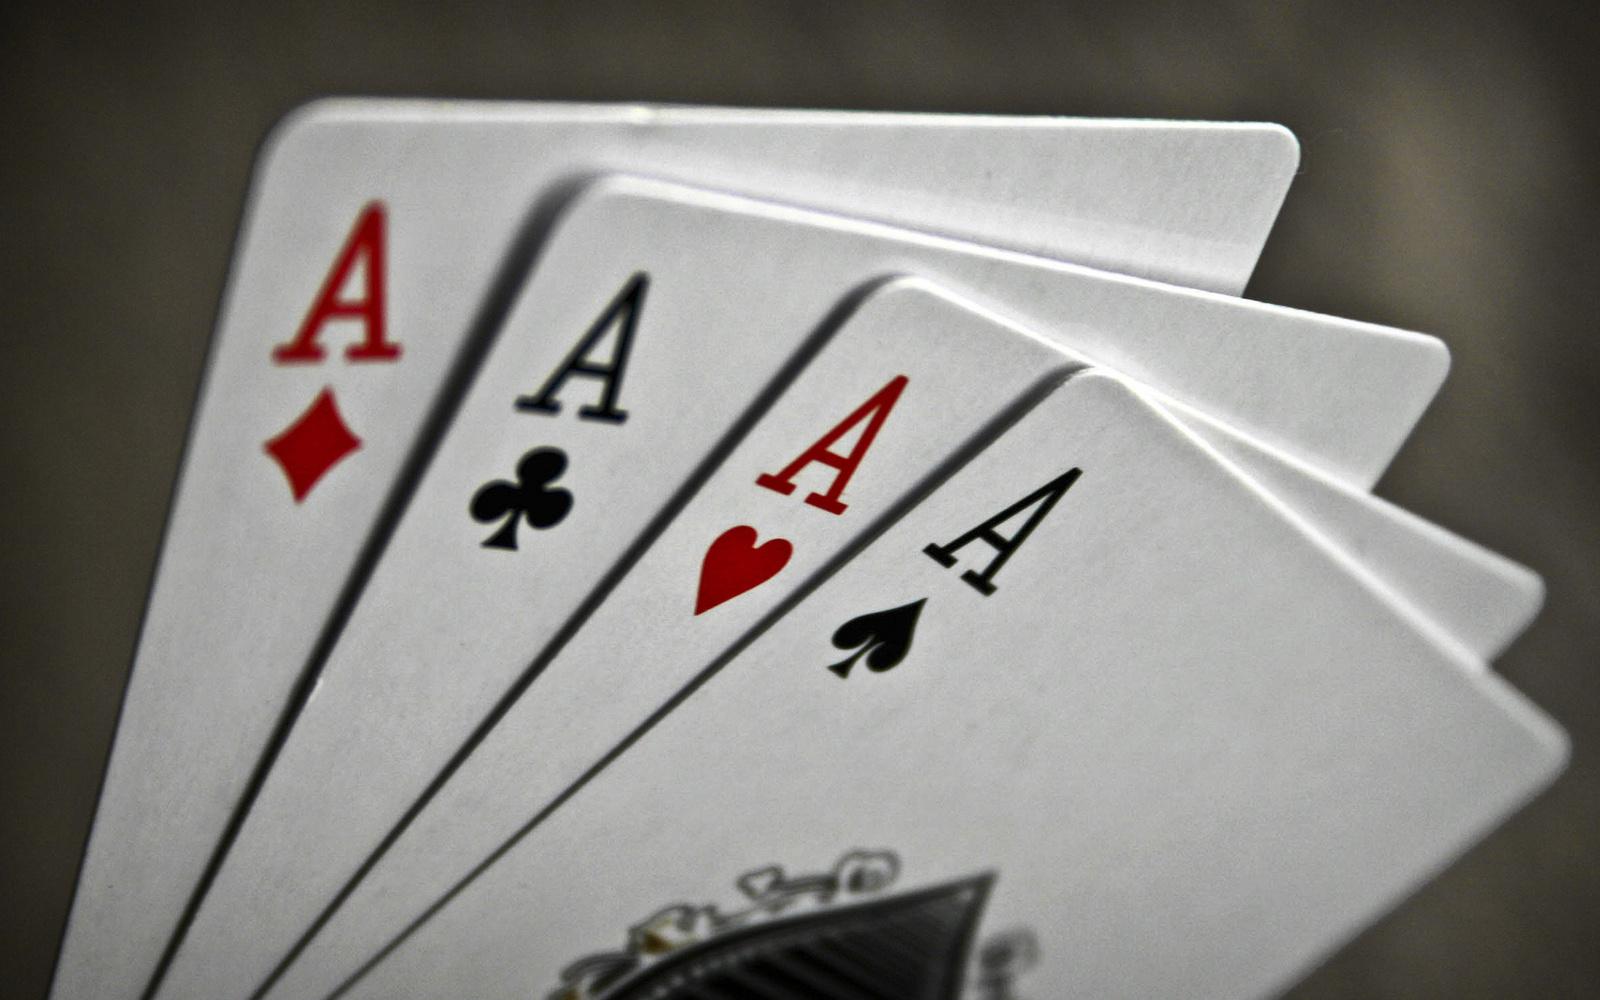 В какую игру играть в карты король покера смотреть онлайн в хорошем качестве hd